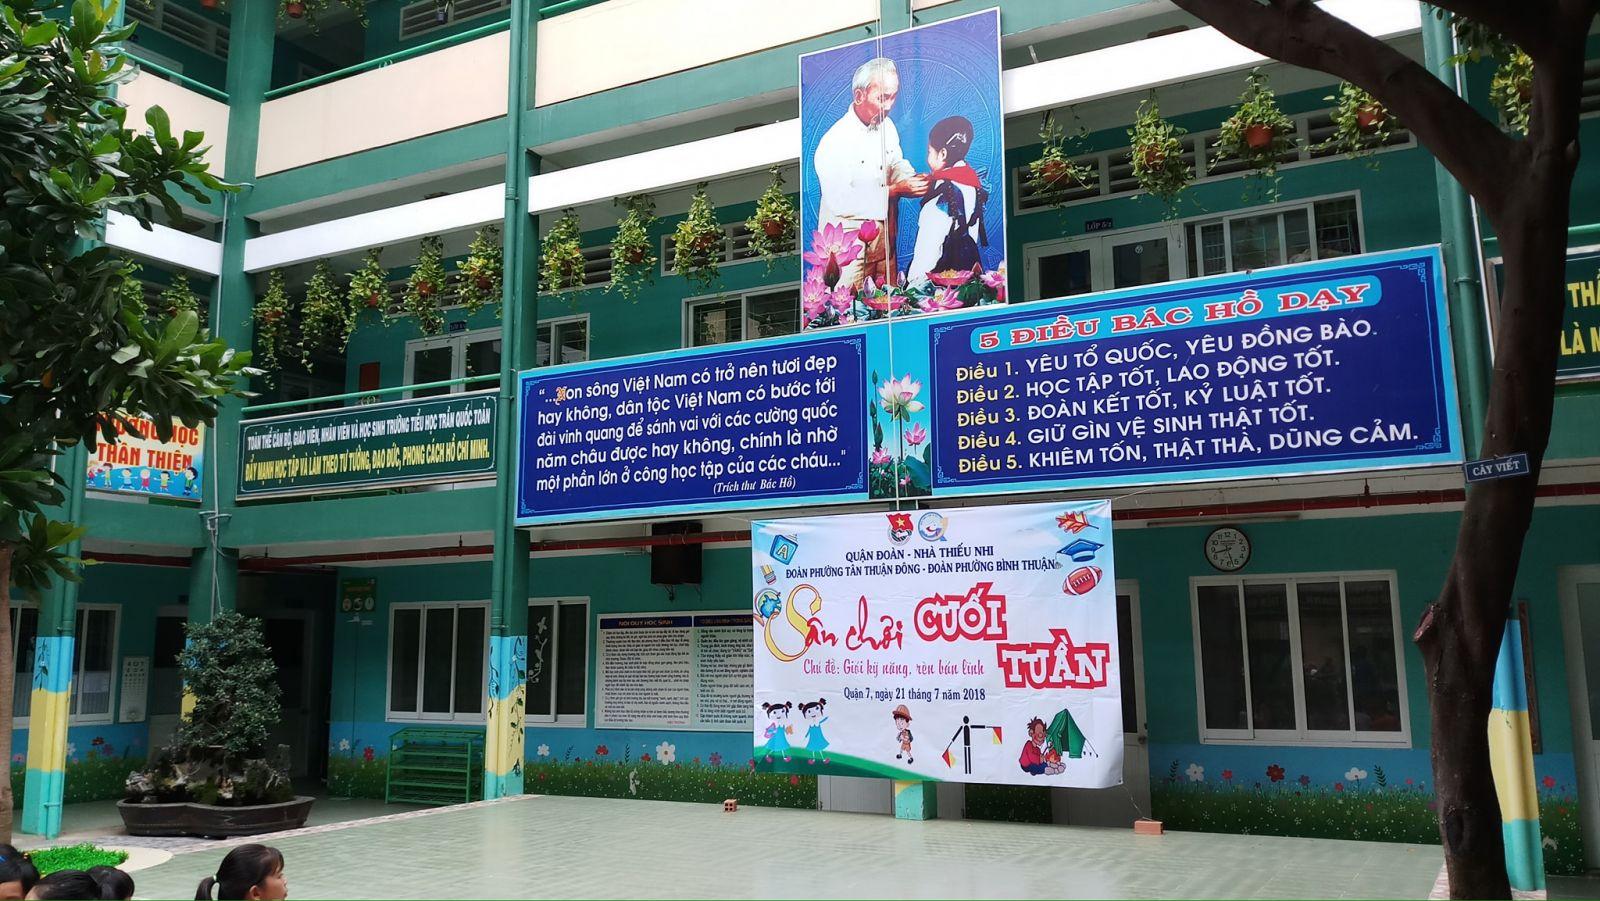 Tổ chức sân chơi cuối tuần Đợt 4 - Phường Tân Thuận Đông và Bình Thuận